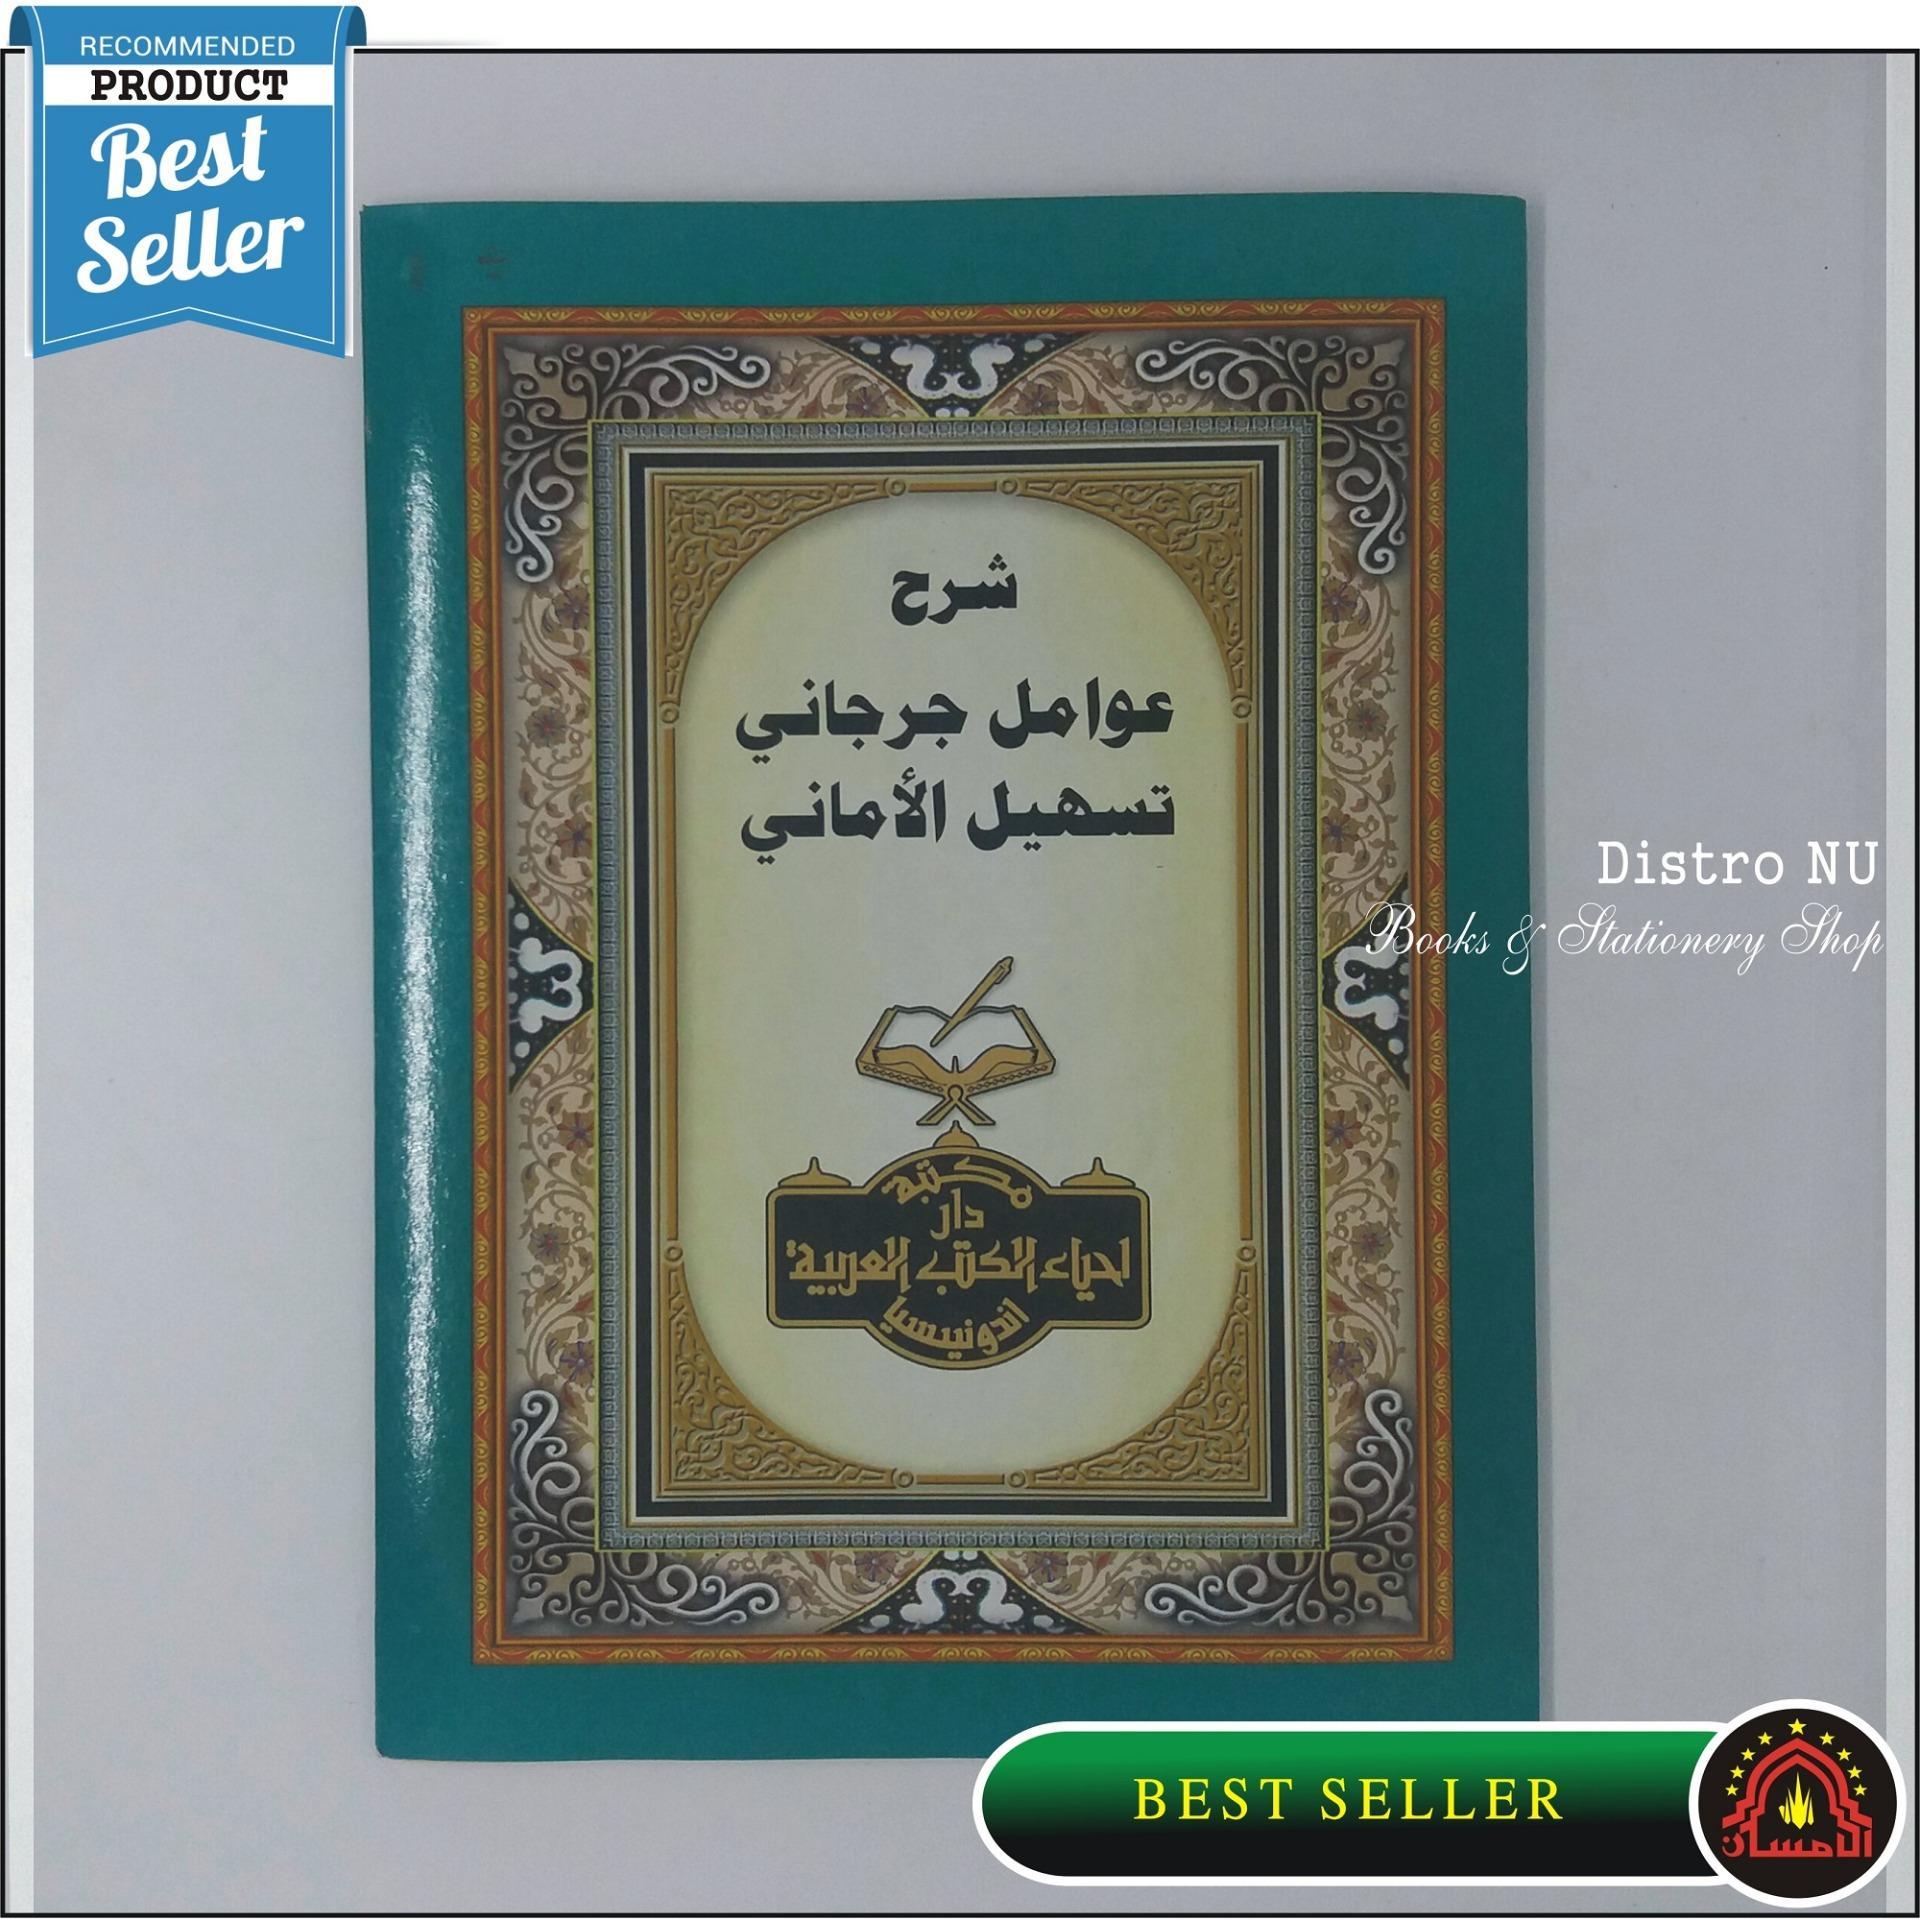 KITAB AWAMIL JURJANI TASHIL AMANI SYARAH (ISI 10 BIJI) +GRATIS 10 BUKU YASIN &TERJEMAH SAKU, kitab nahwu shorof sorof tatacara belajar kaidah bahasa arab